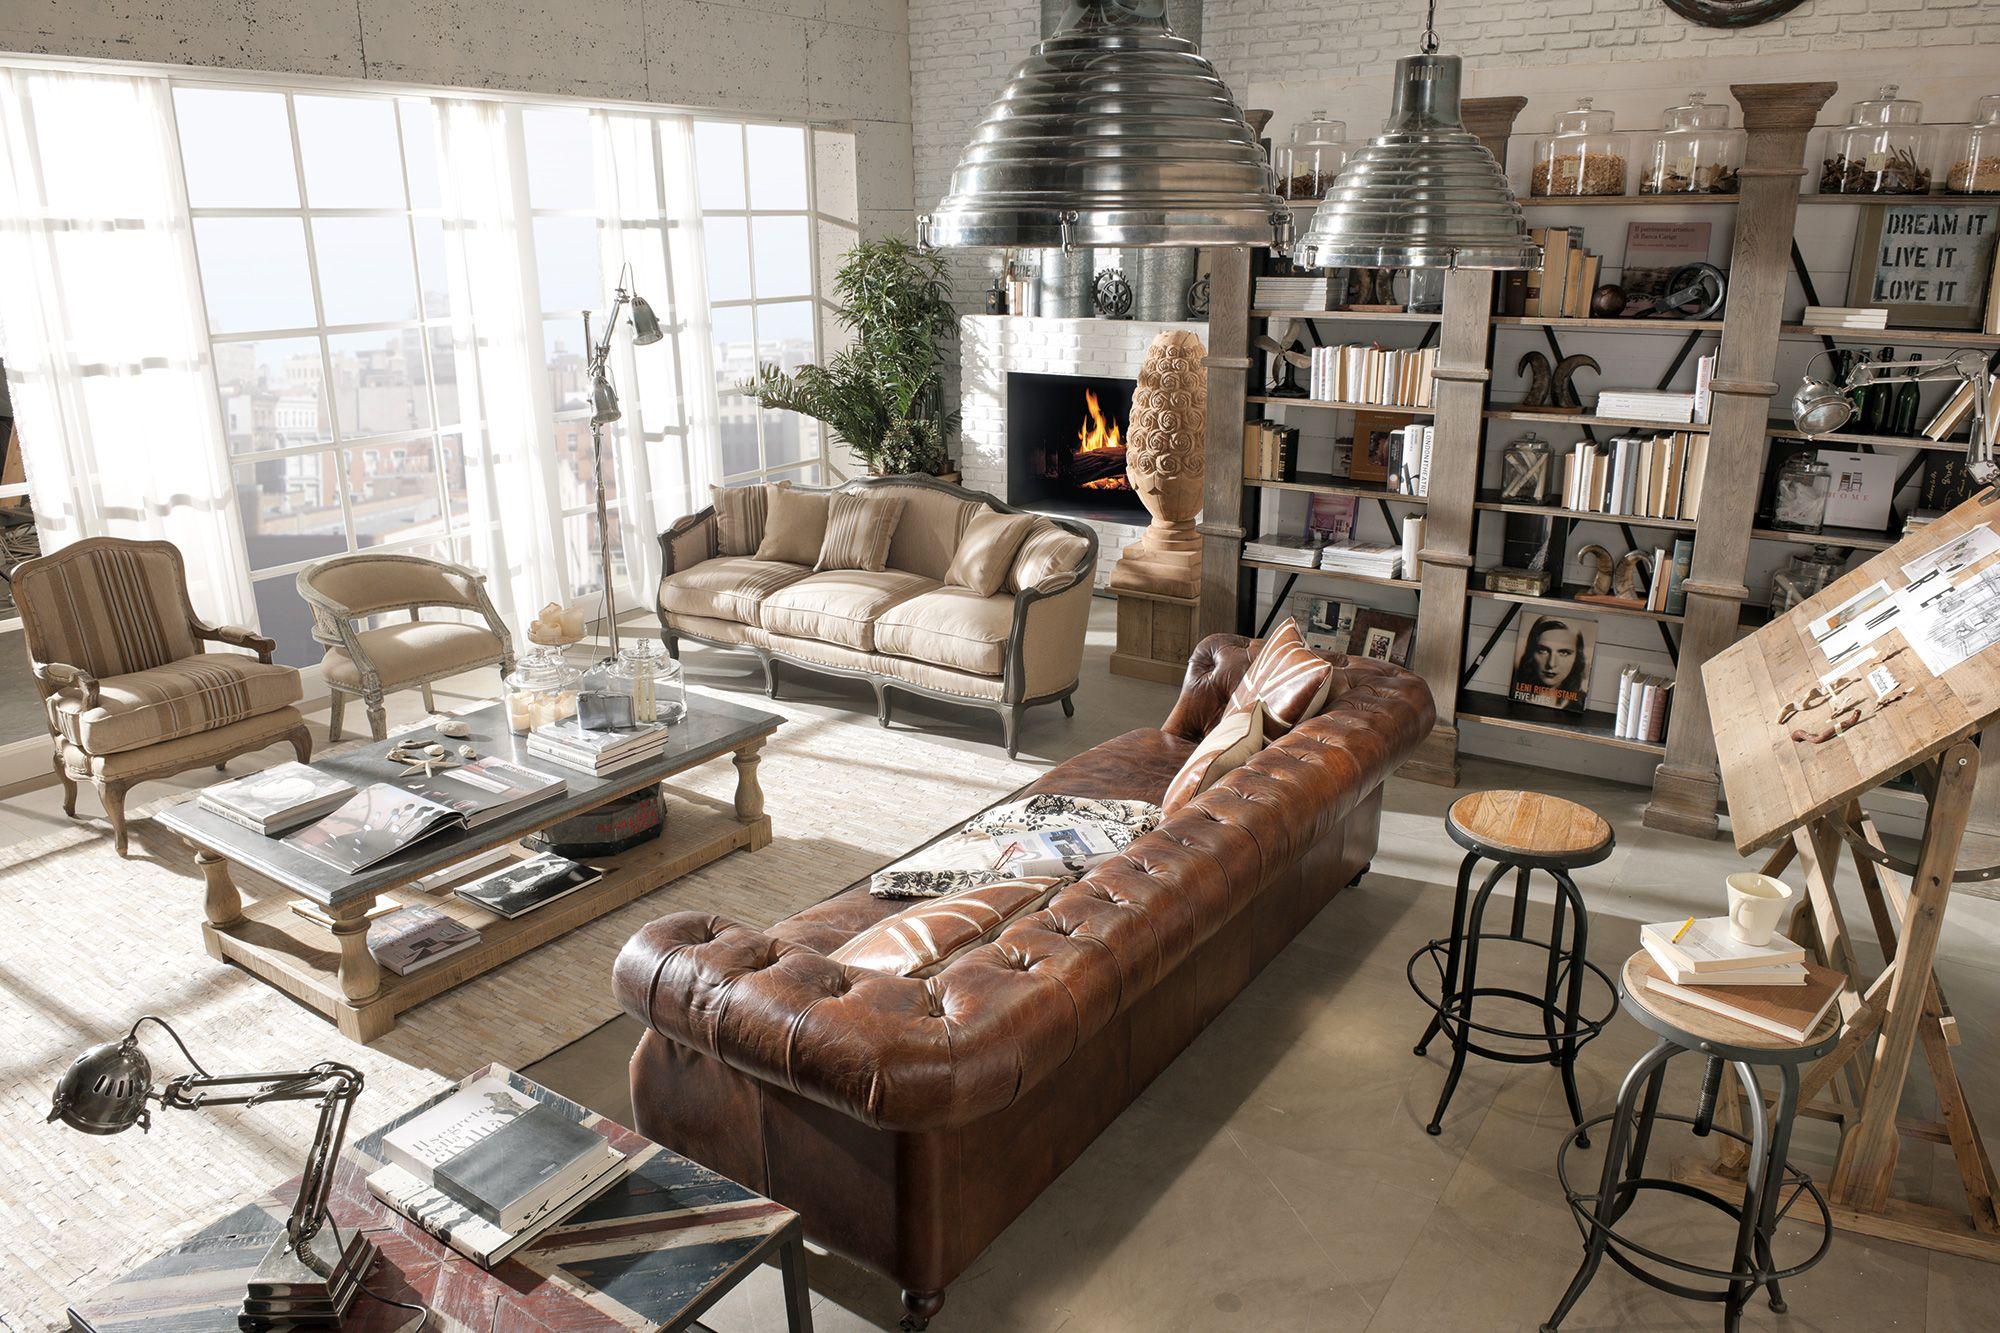 Arredamento country vintage industrial loft urban